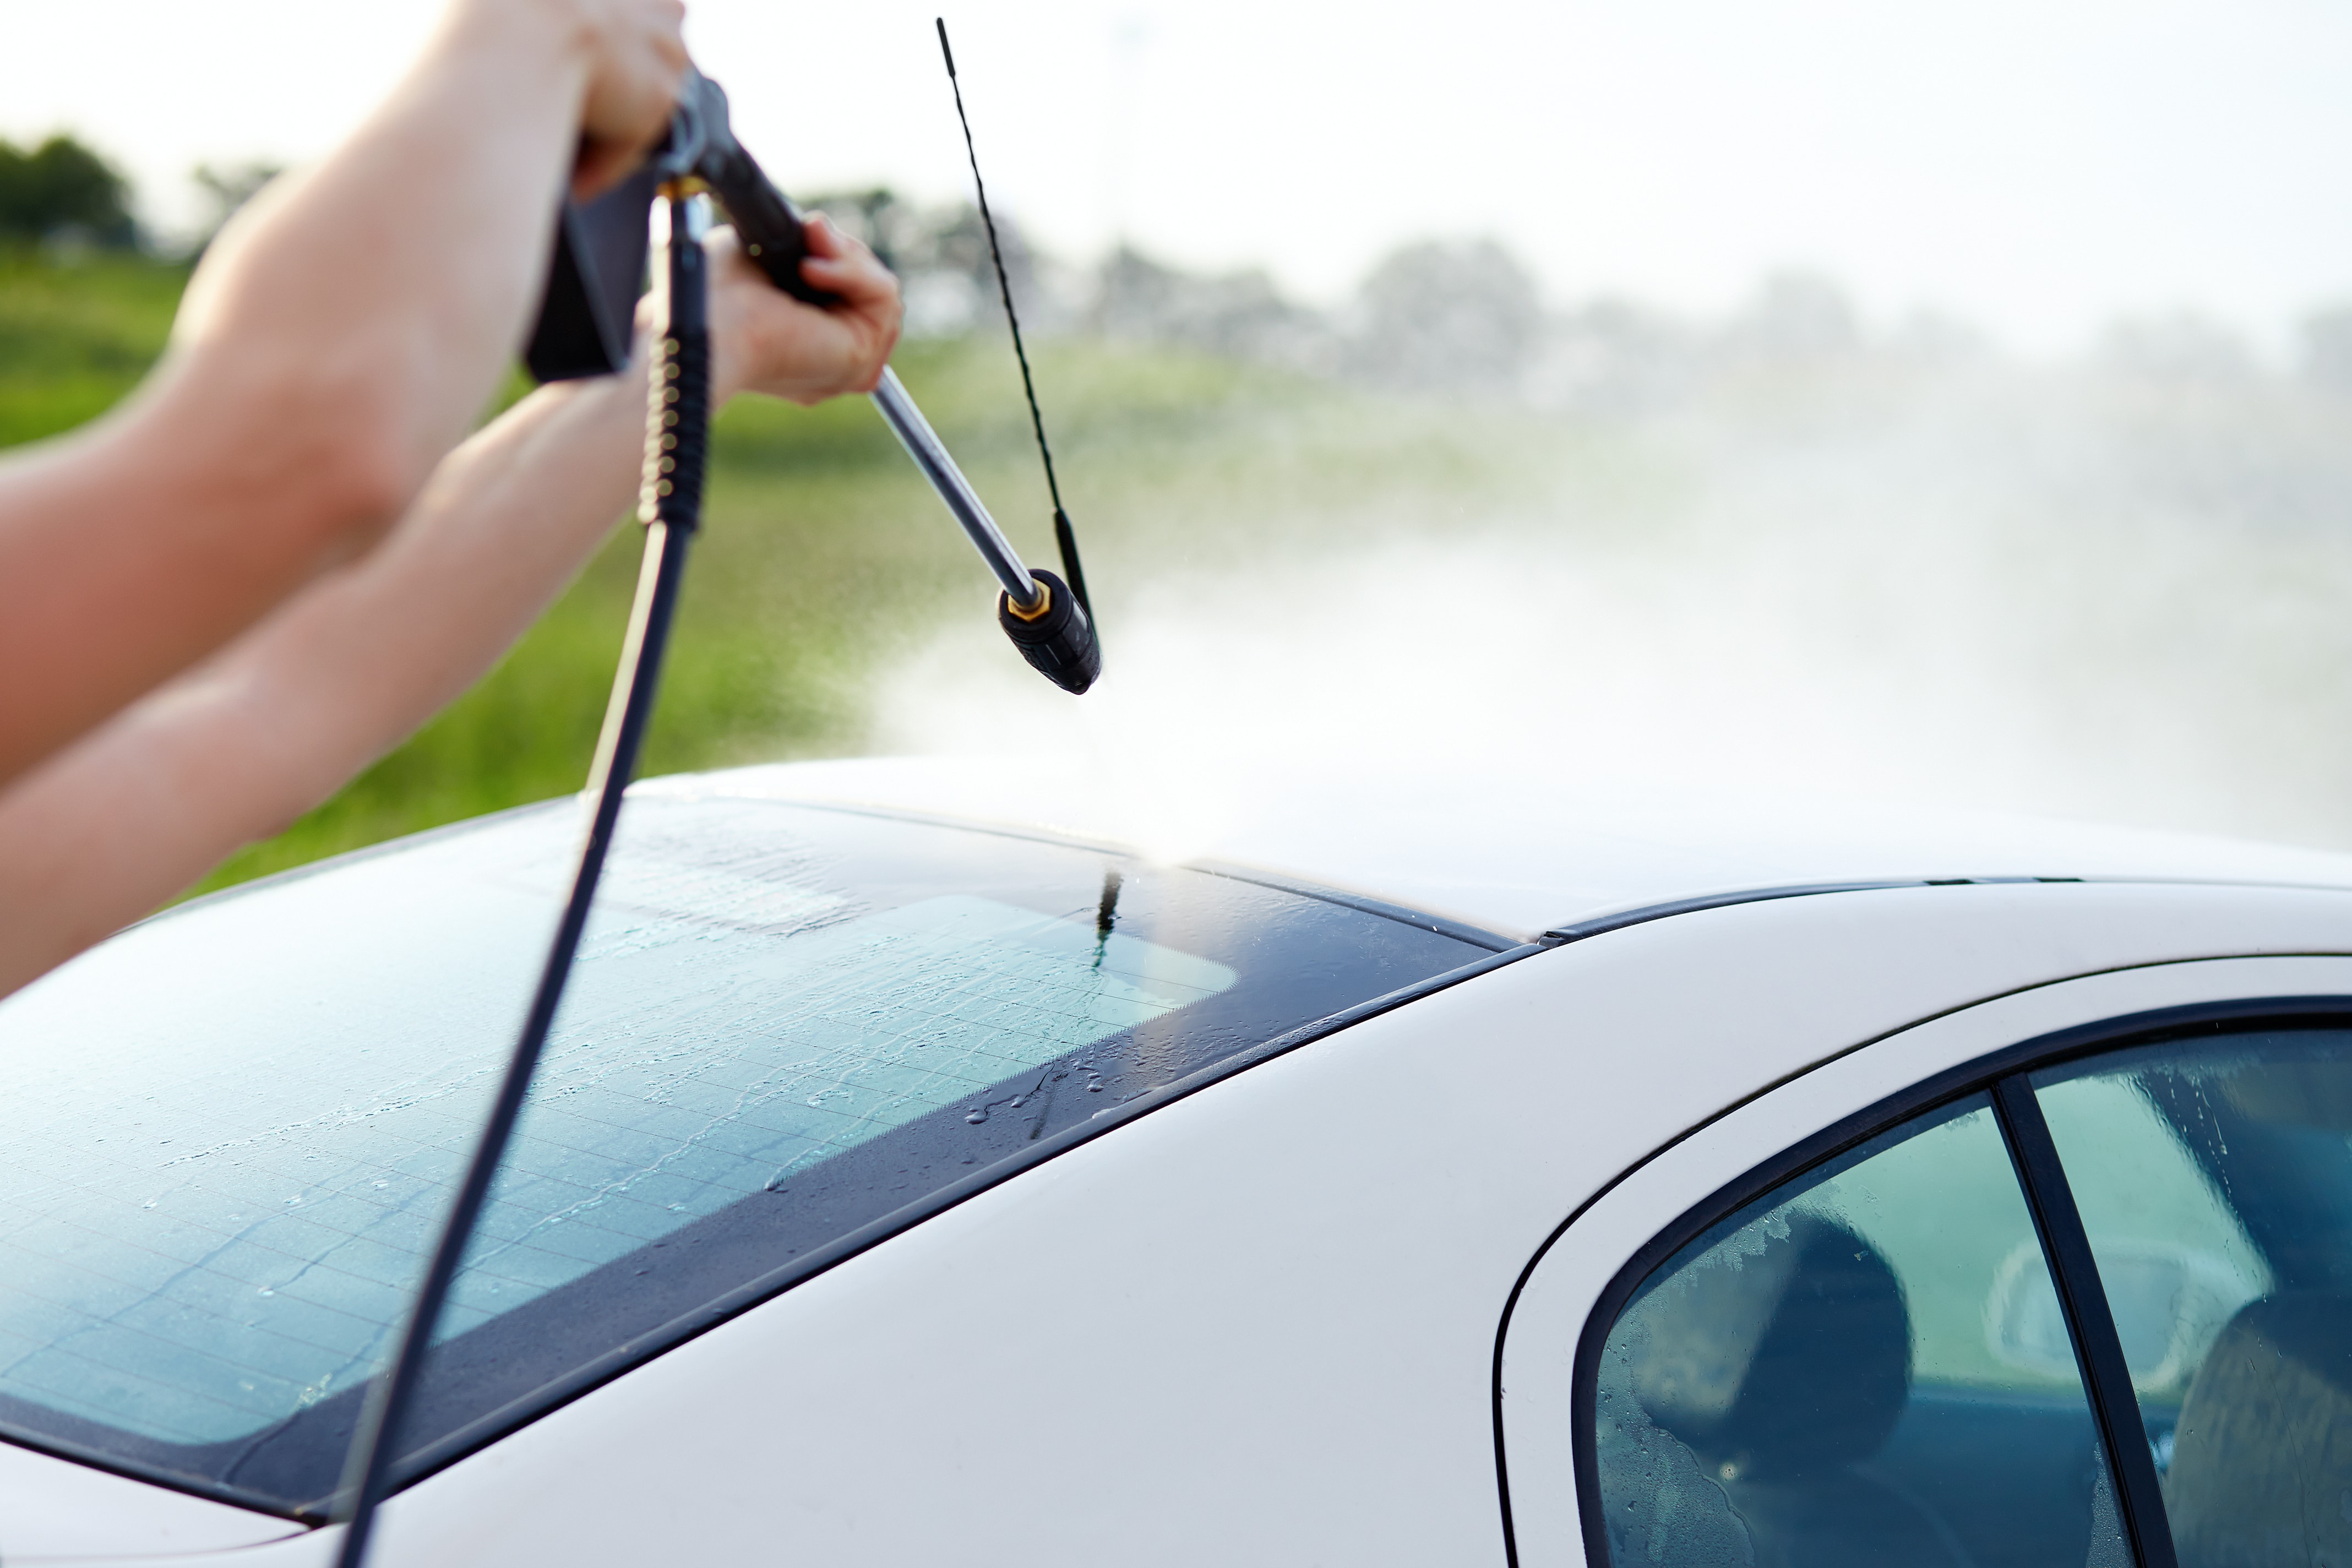 Προστασία του αυτοκινήτου το καλοκαίρι